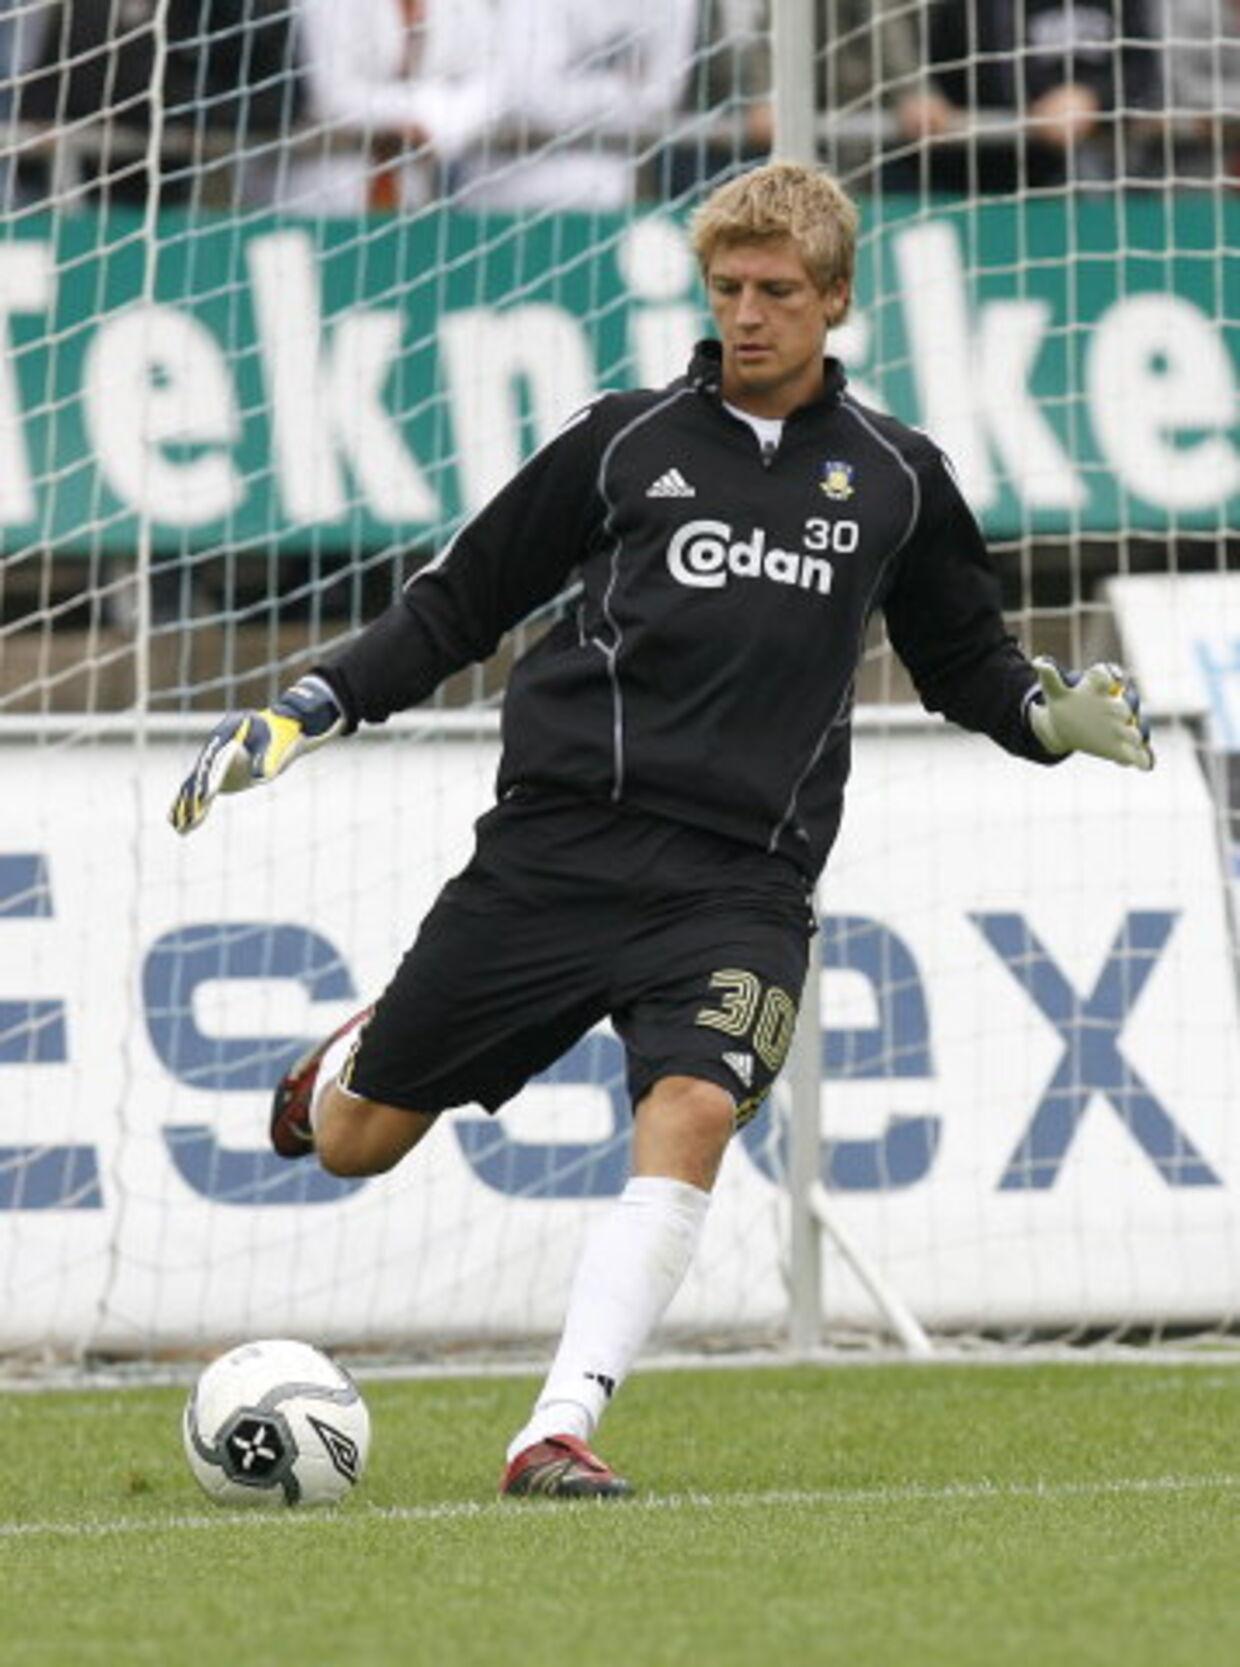 Brøndby og Michael Tørnes har forlænget samarbejdet frem til udgangen af 2009.